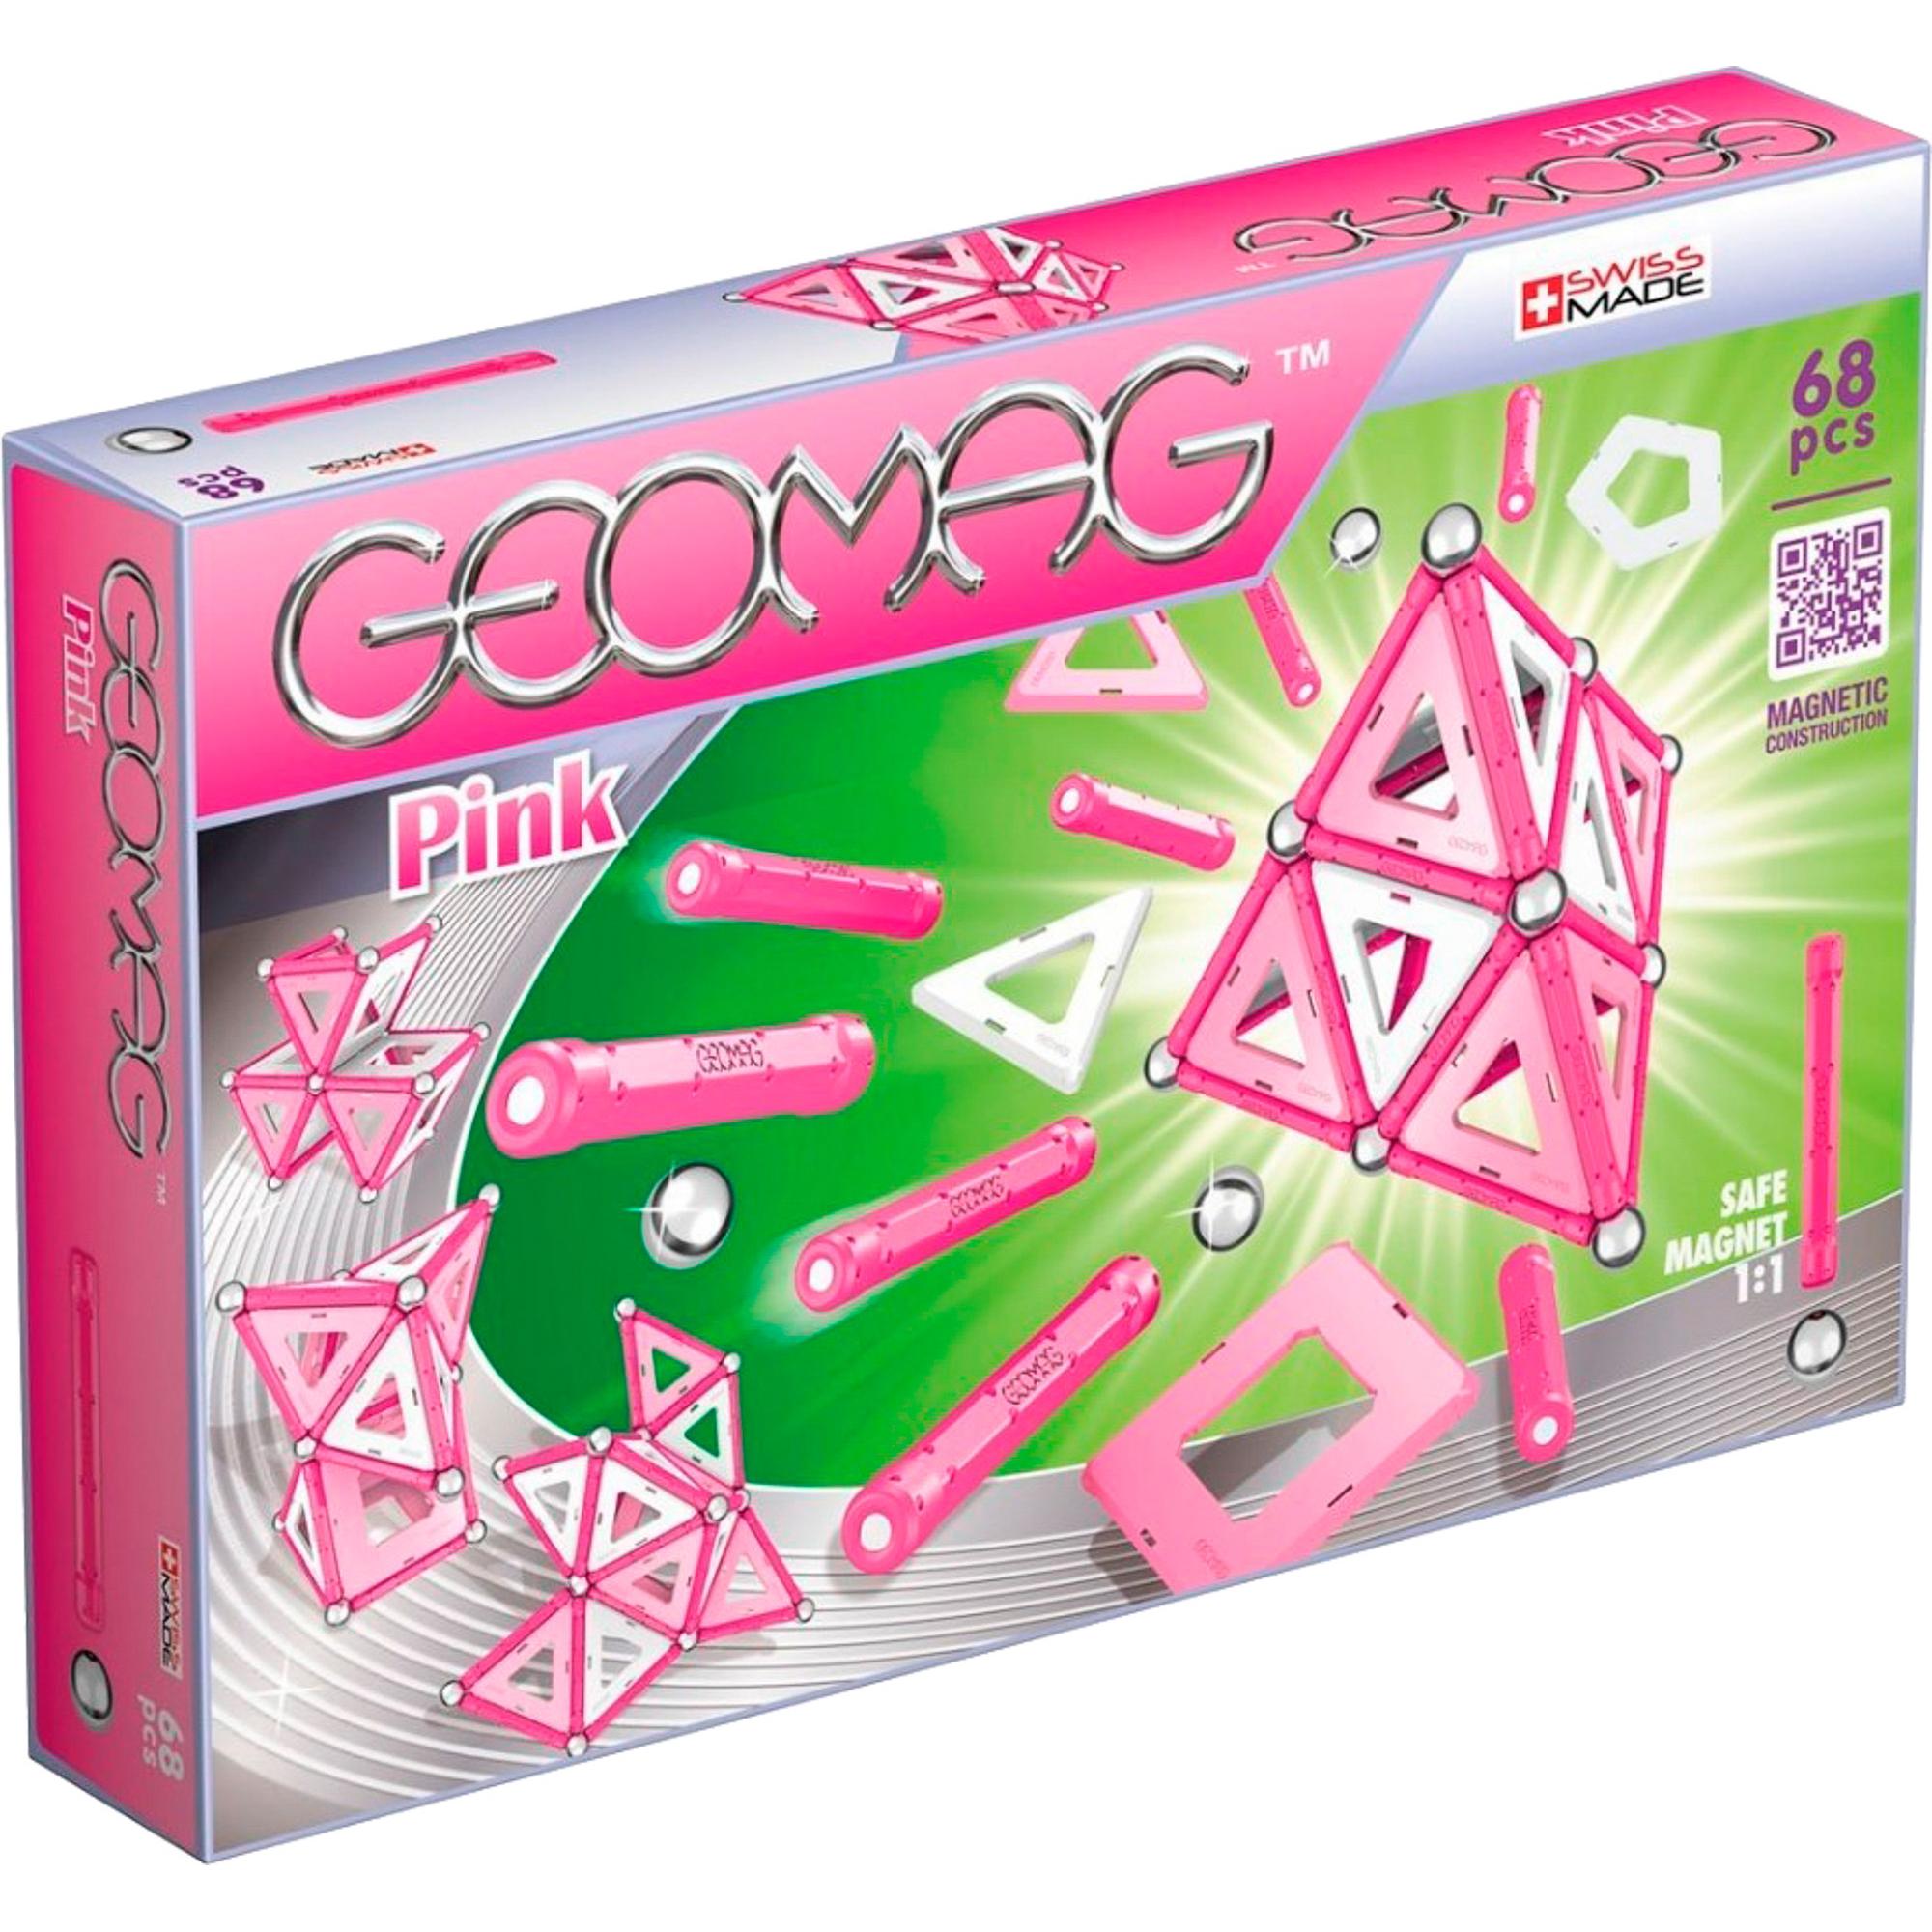 Купить Конструктор GEOMAG Pink 340, Швейцария, магнит, металл, пластик, для девочек, Конструкторы, пазлы